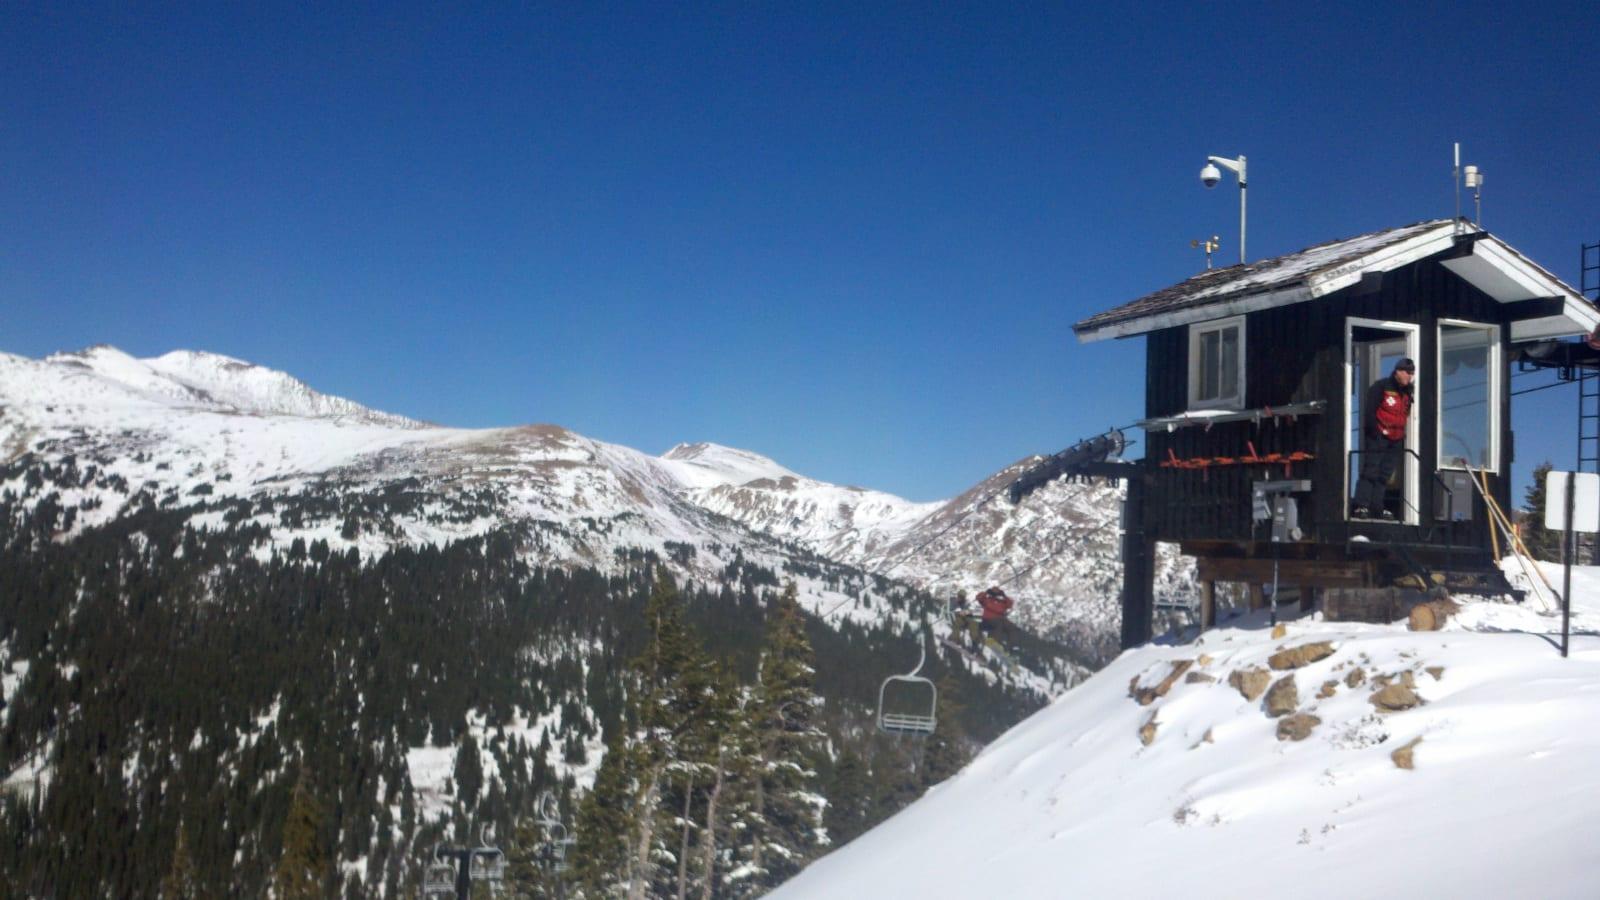 Loveland Ski Area Chairlift